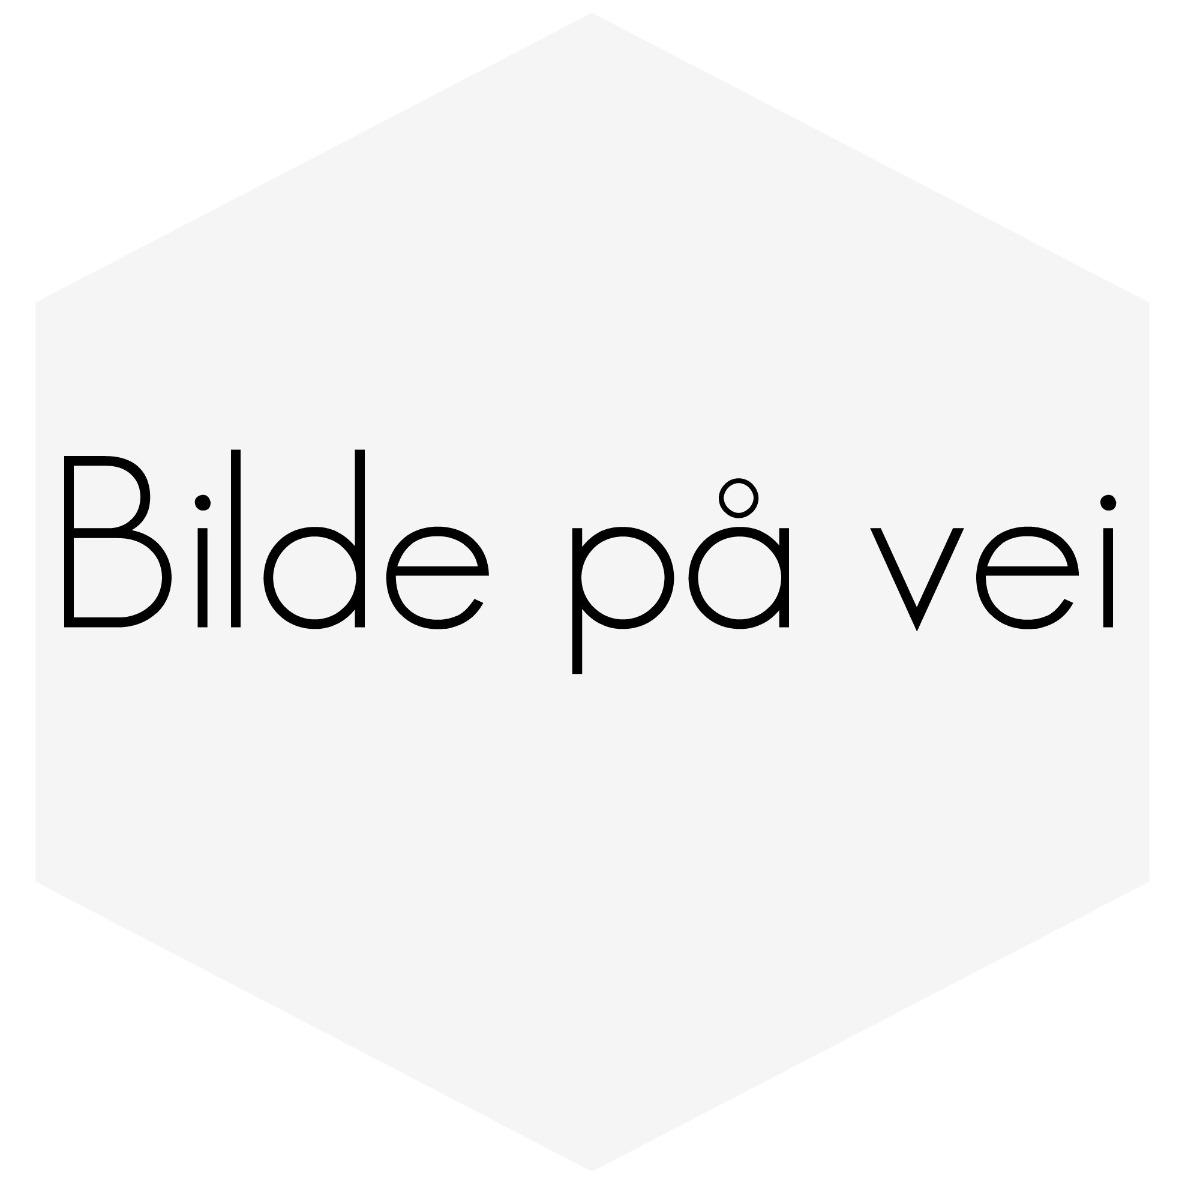 DØRHÅNDTAK KÅPER VOLVO 960 LOOK TIL 740/940  plug'n play  sats